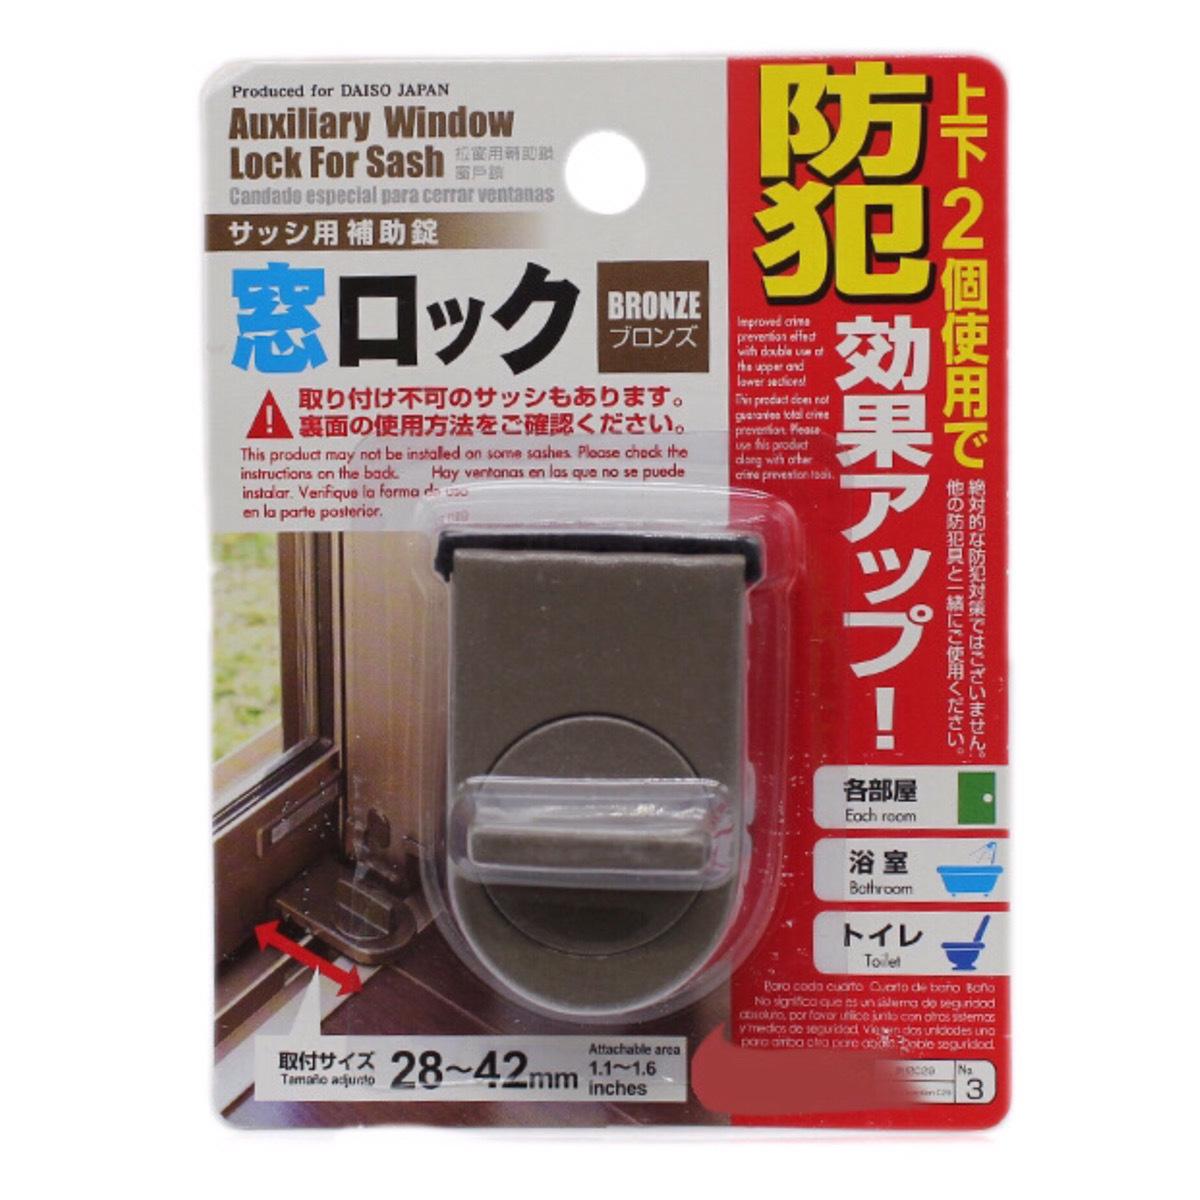 ダブルロックで安心。 取付け・施錠もカンタン 窓ロック 防犯 サッシ用ロック 浴室 トイレ ストッパー 子供 補助錠 送料無料